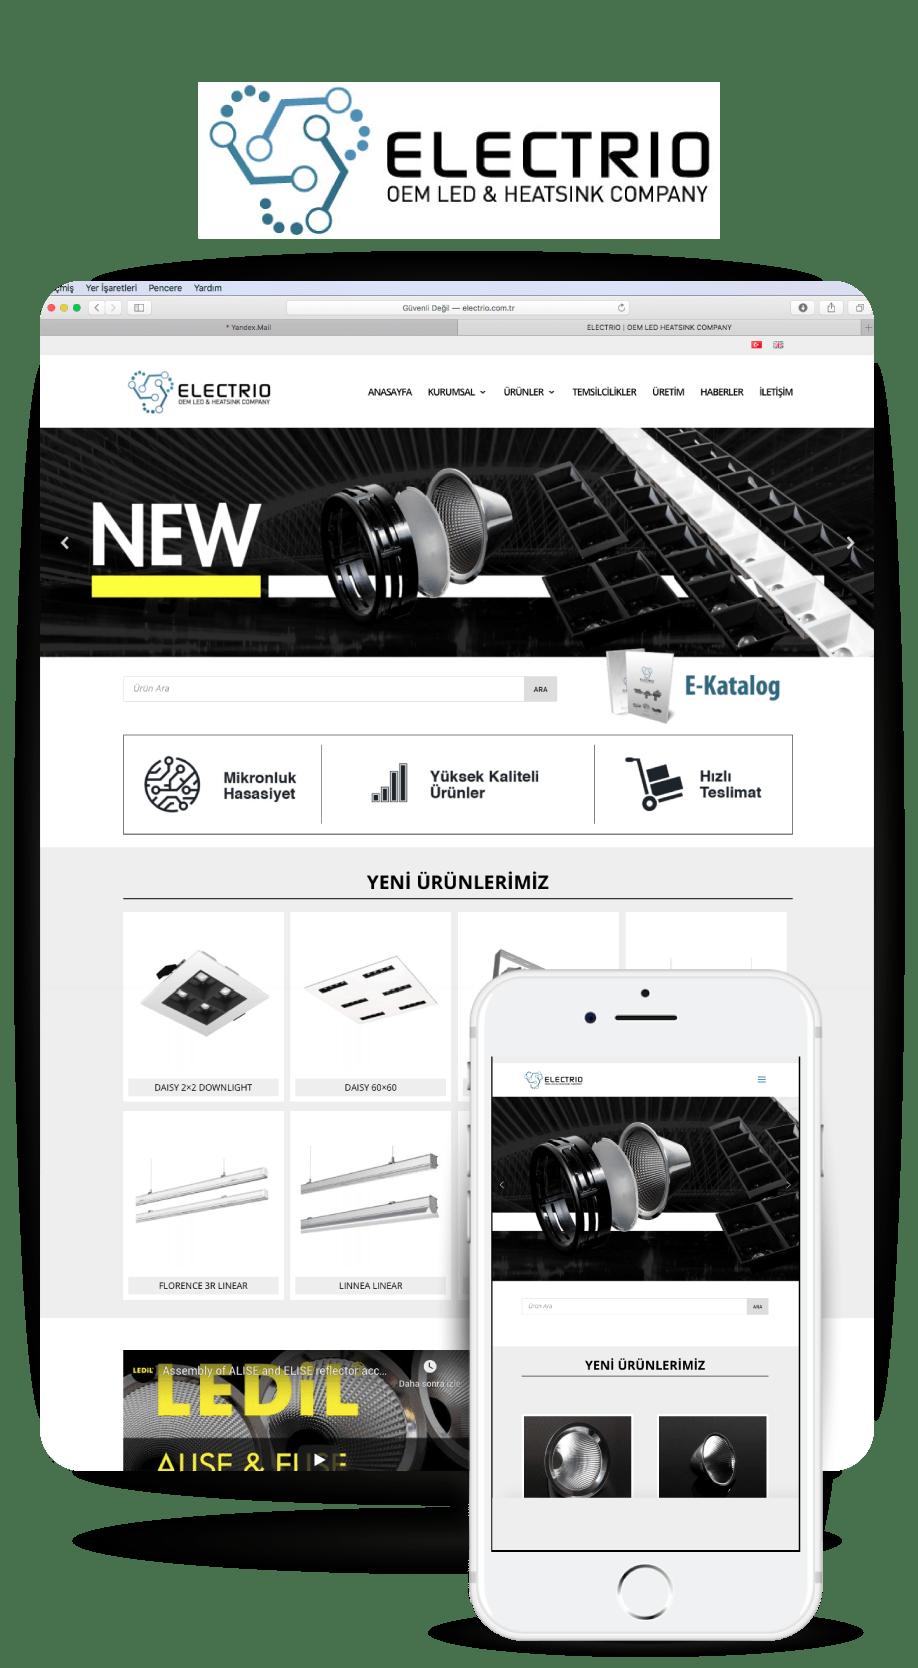 Electrio.com.tr